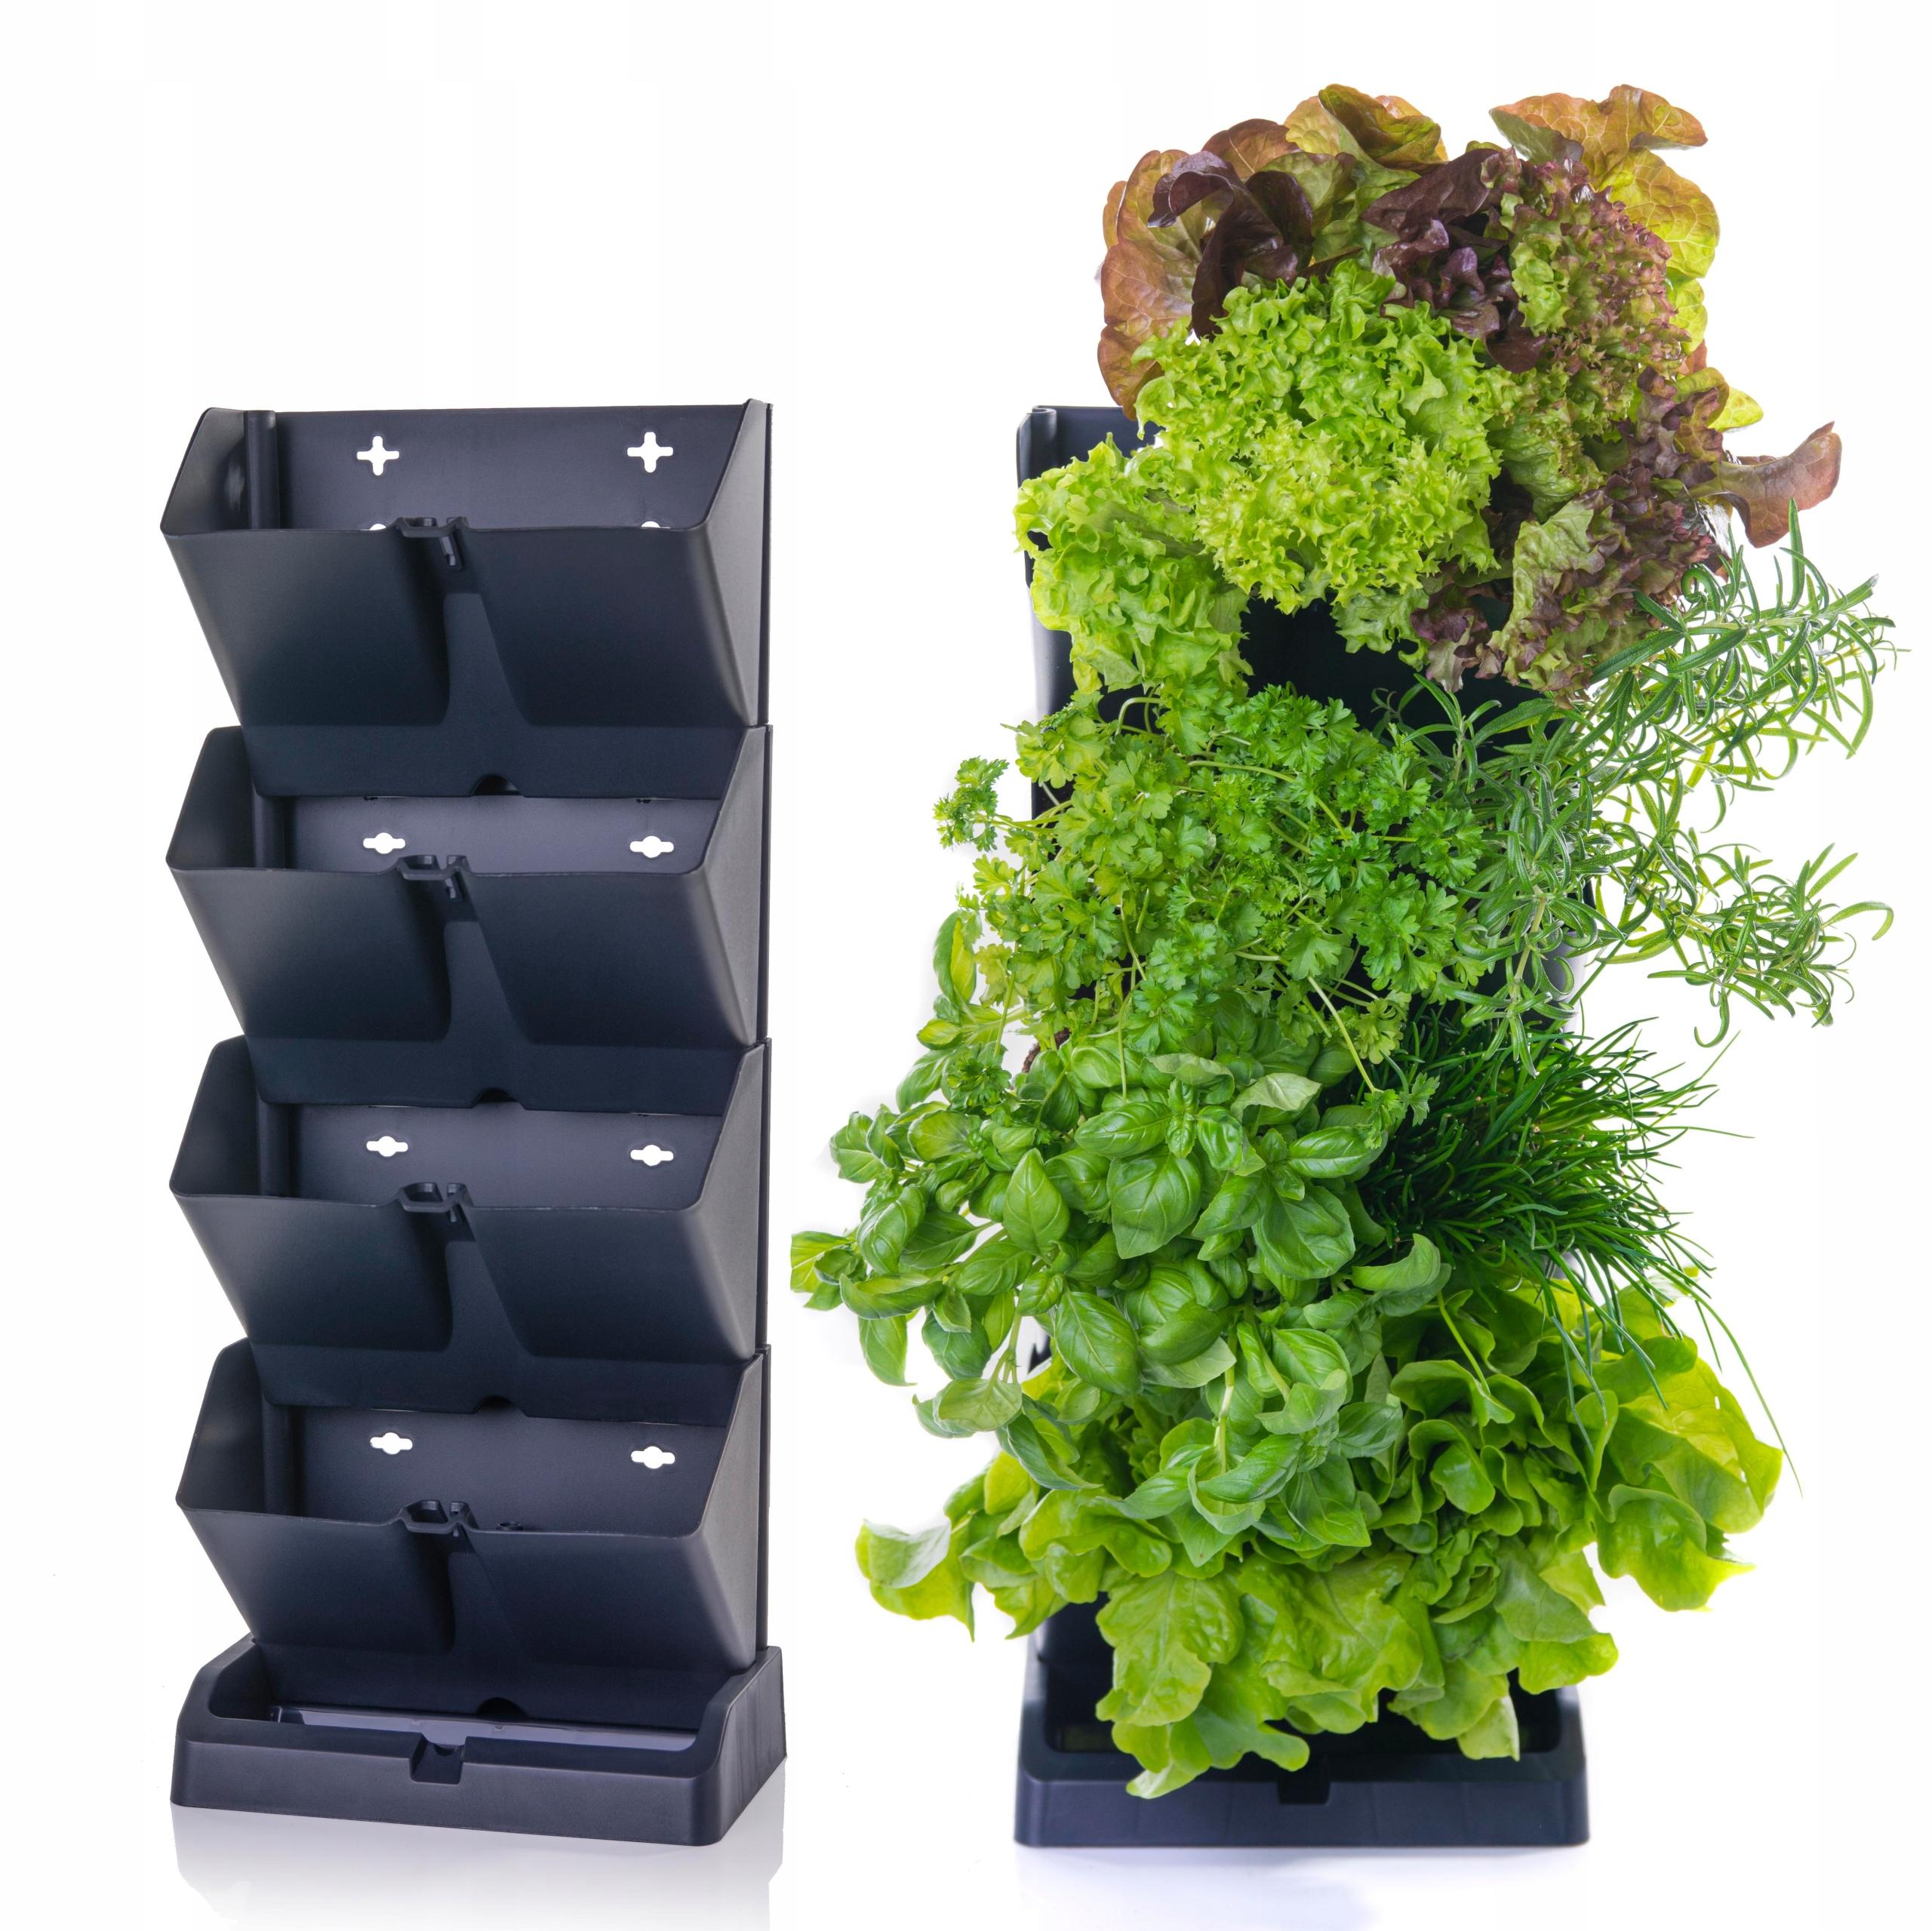 Горшки для трав у стены вертикального садового каскада